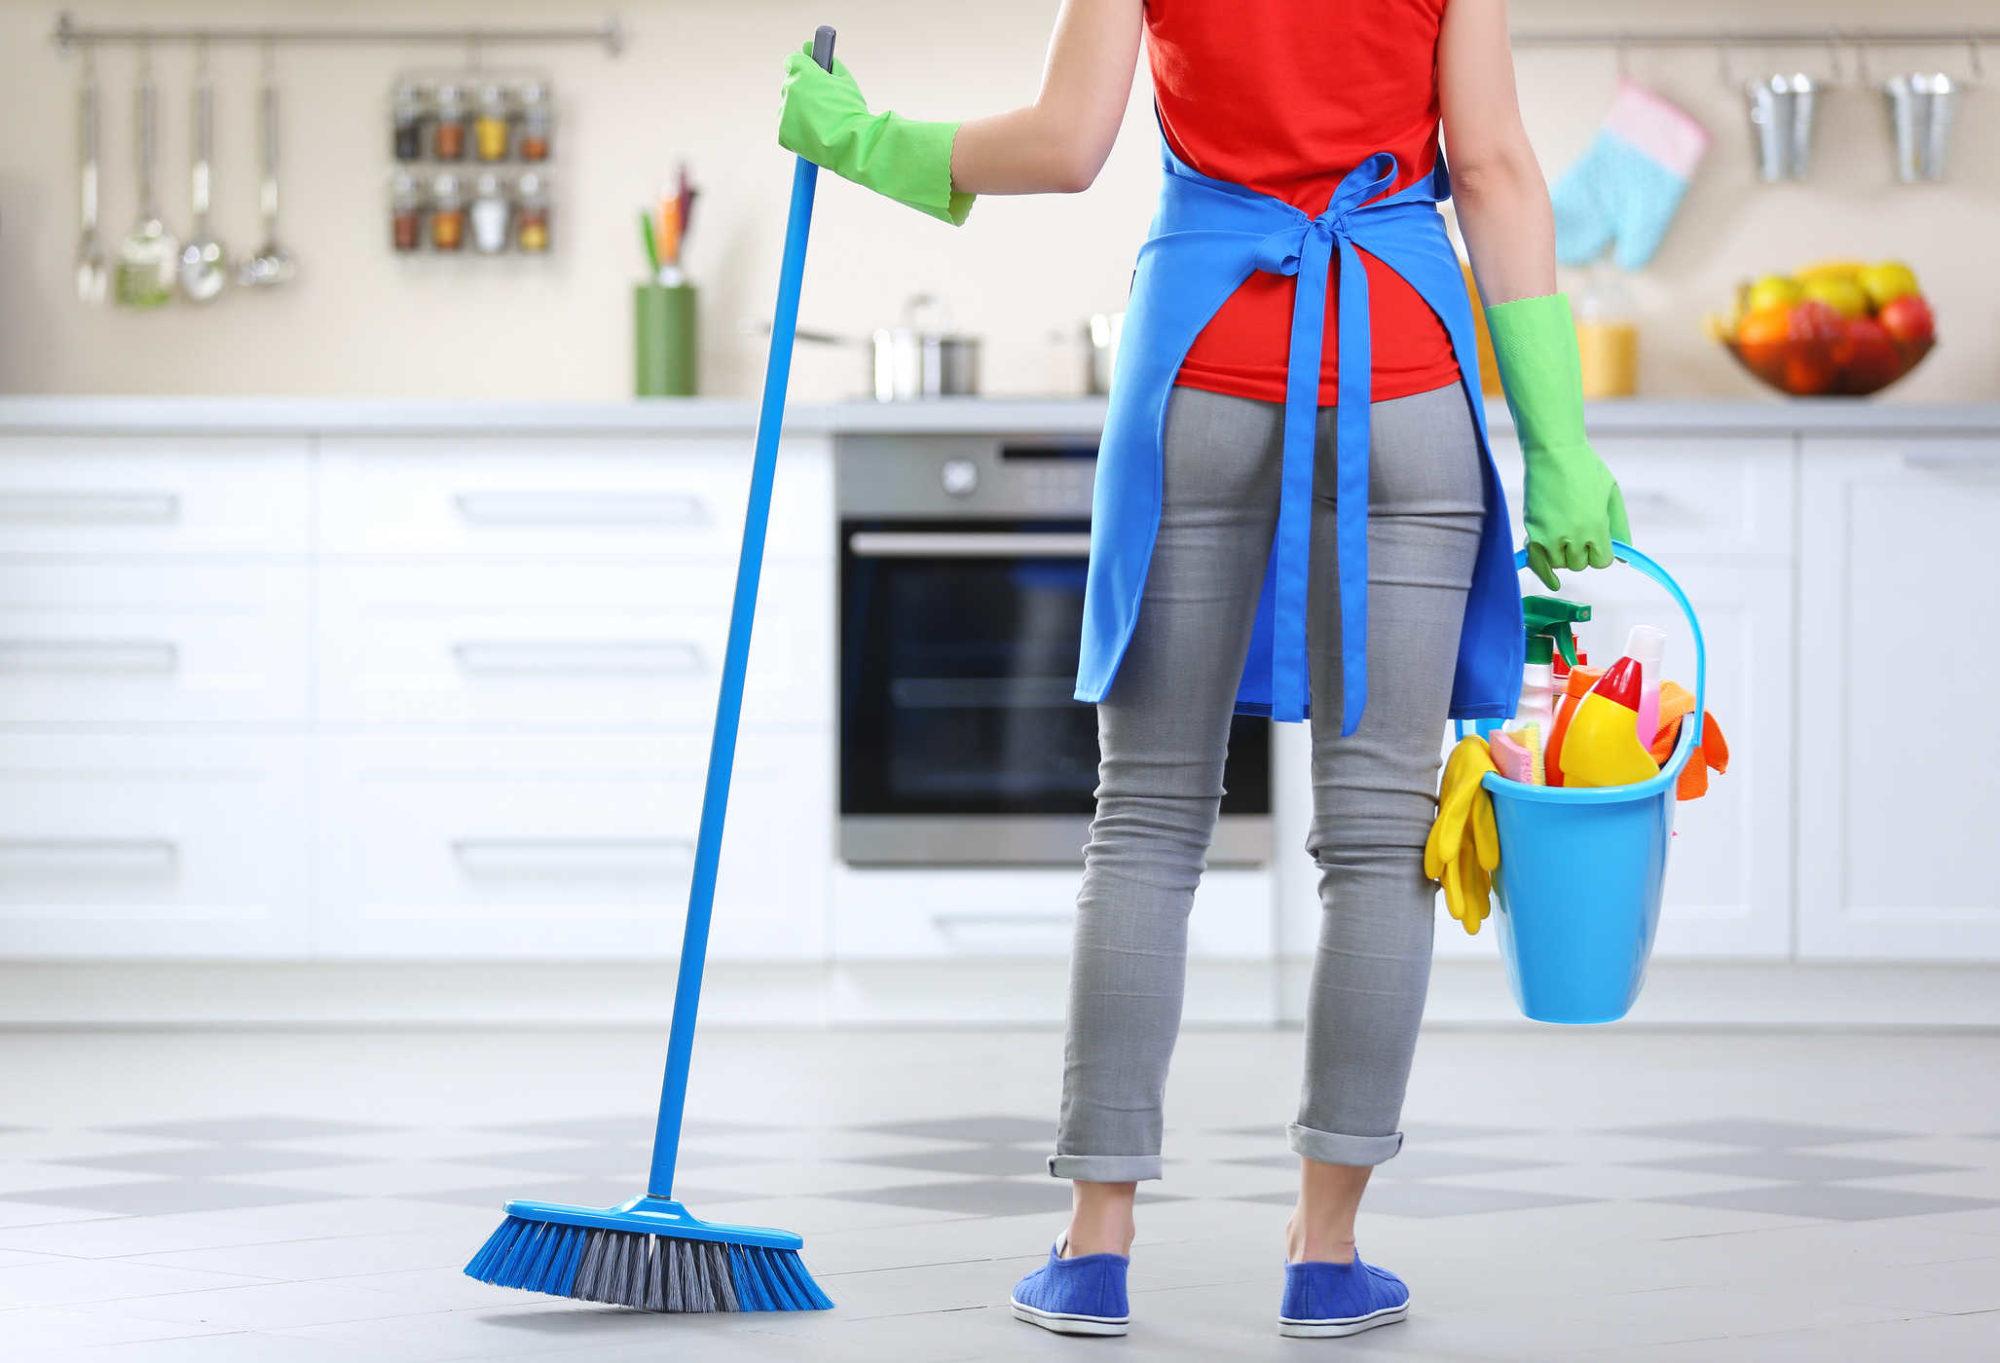 Раз в неделю рекомендуется проводить обычную влажную уборку, а раз в месяц – генеральную